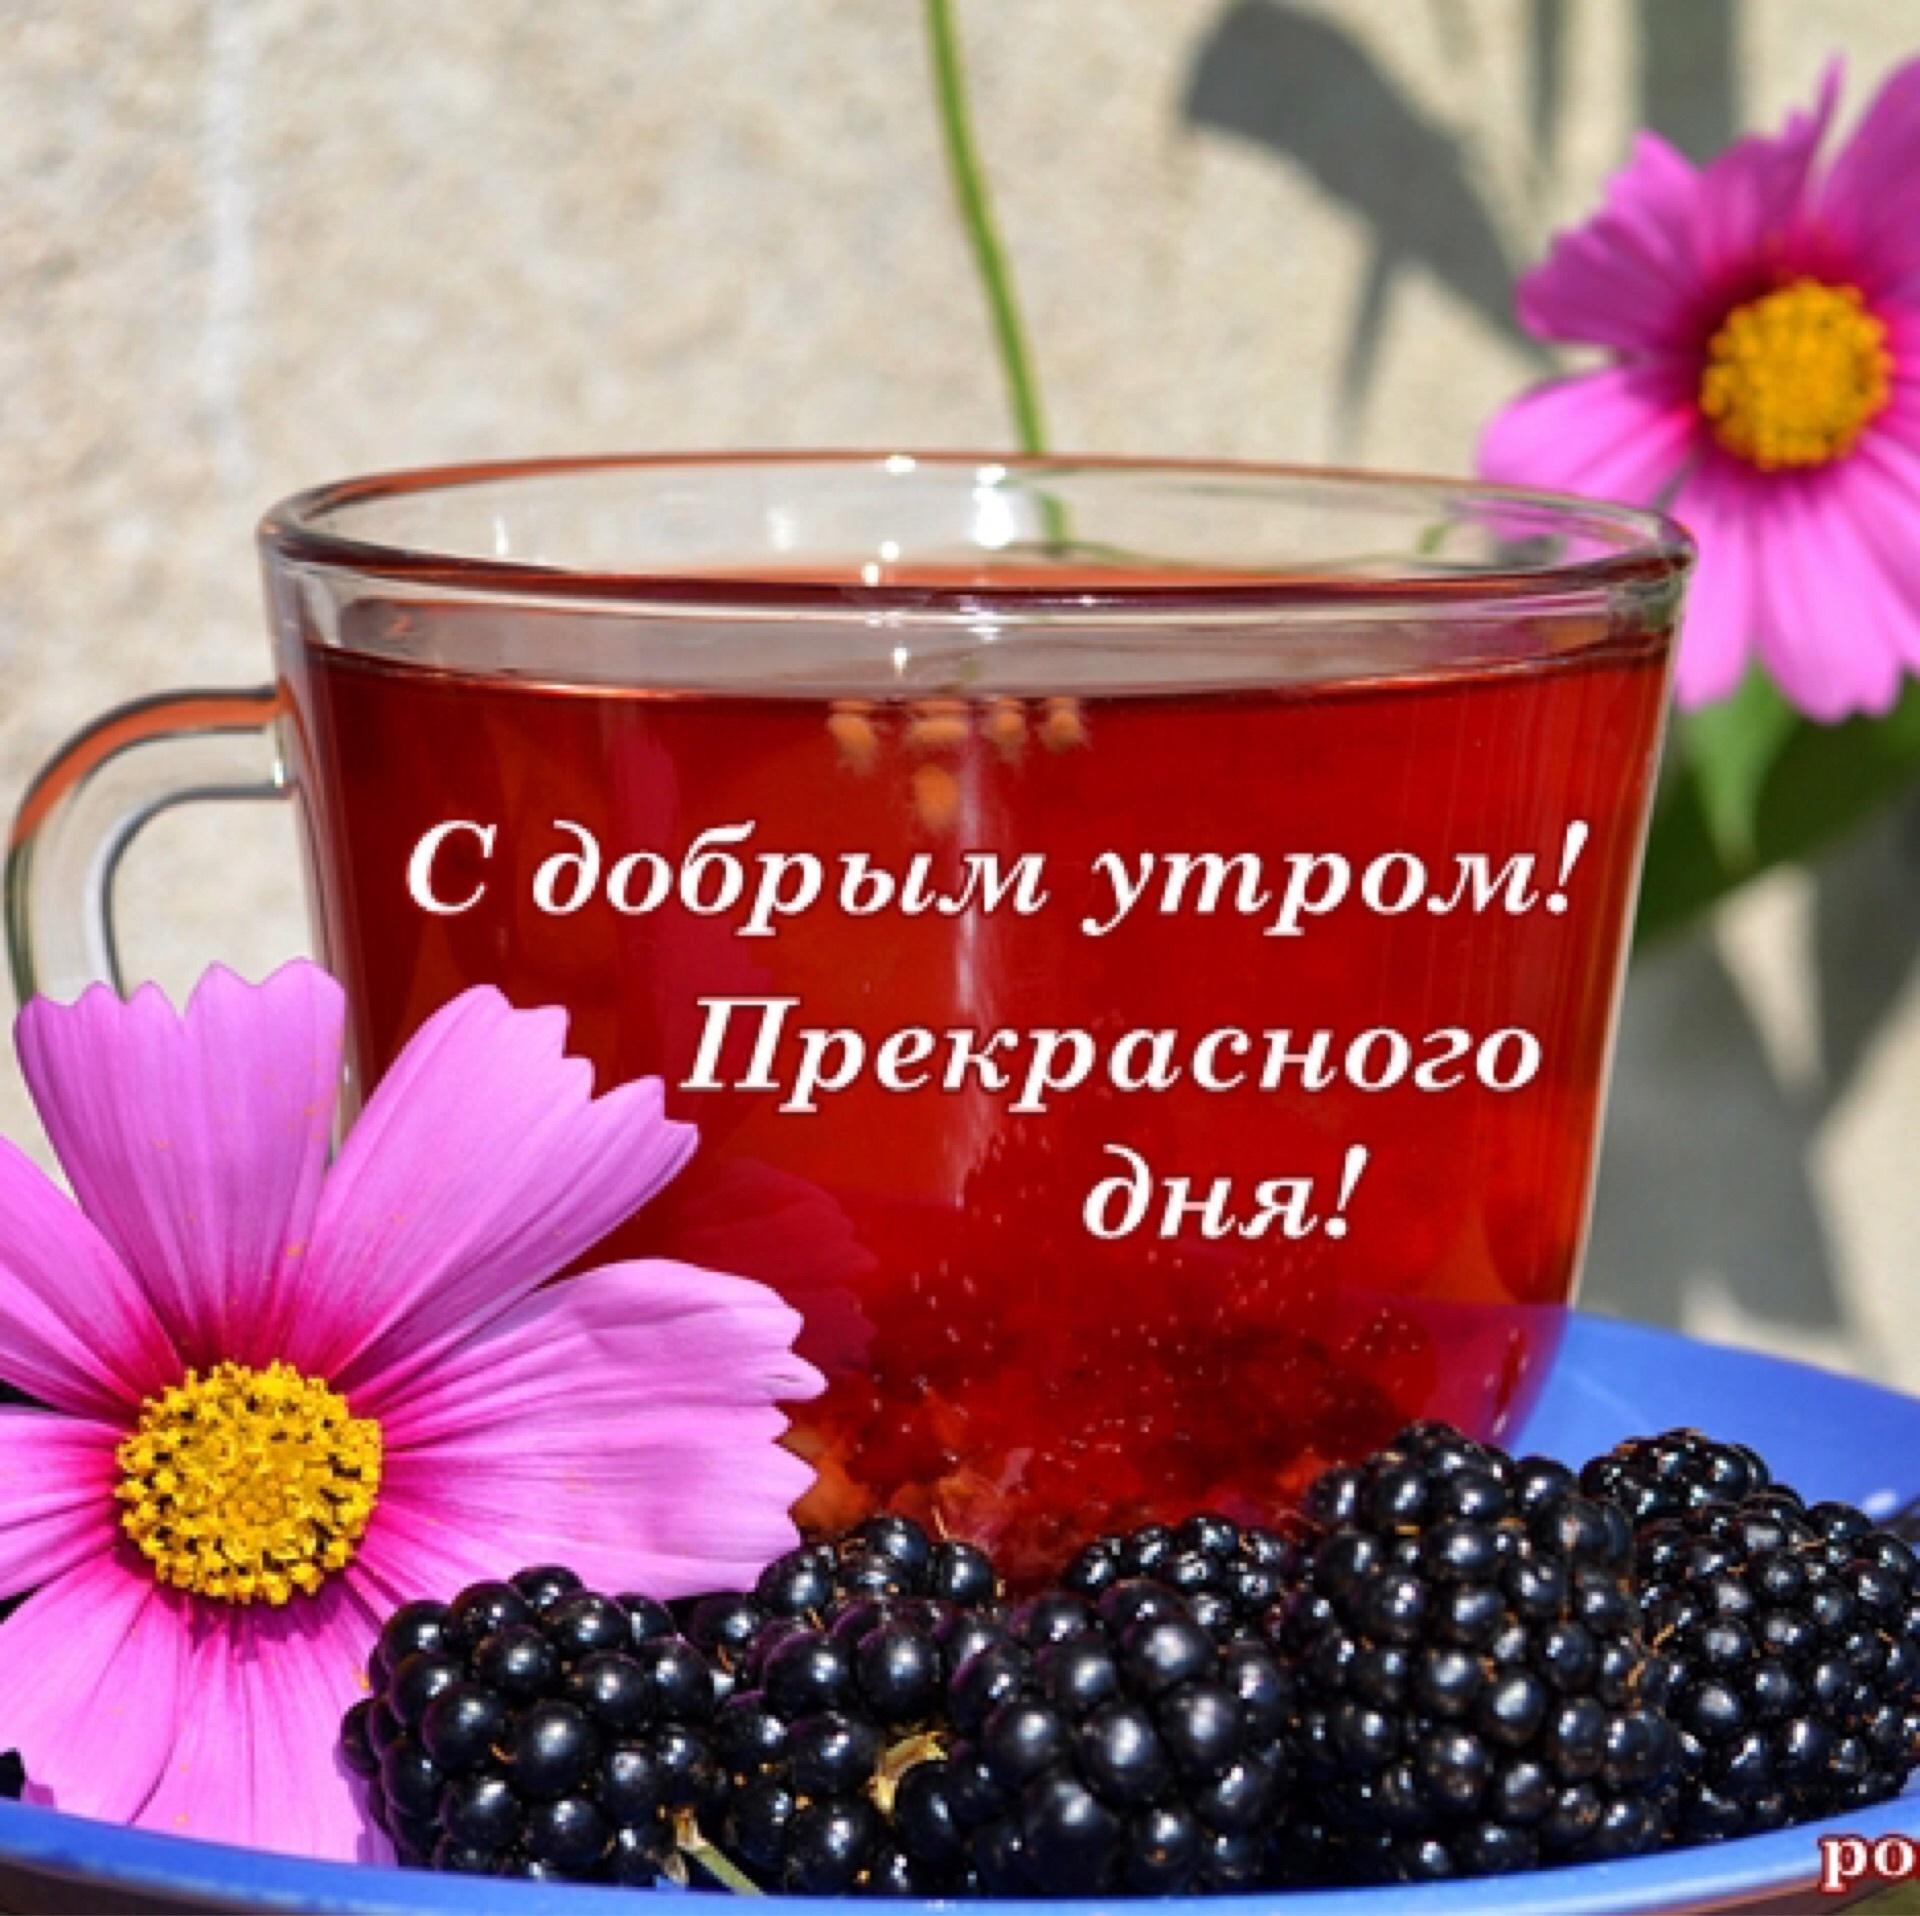 надел ленточки благотворного всем дня картинка севастопольский